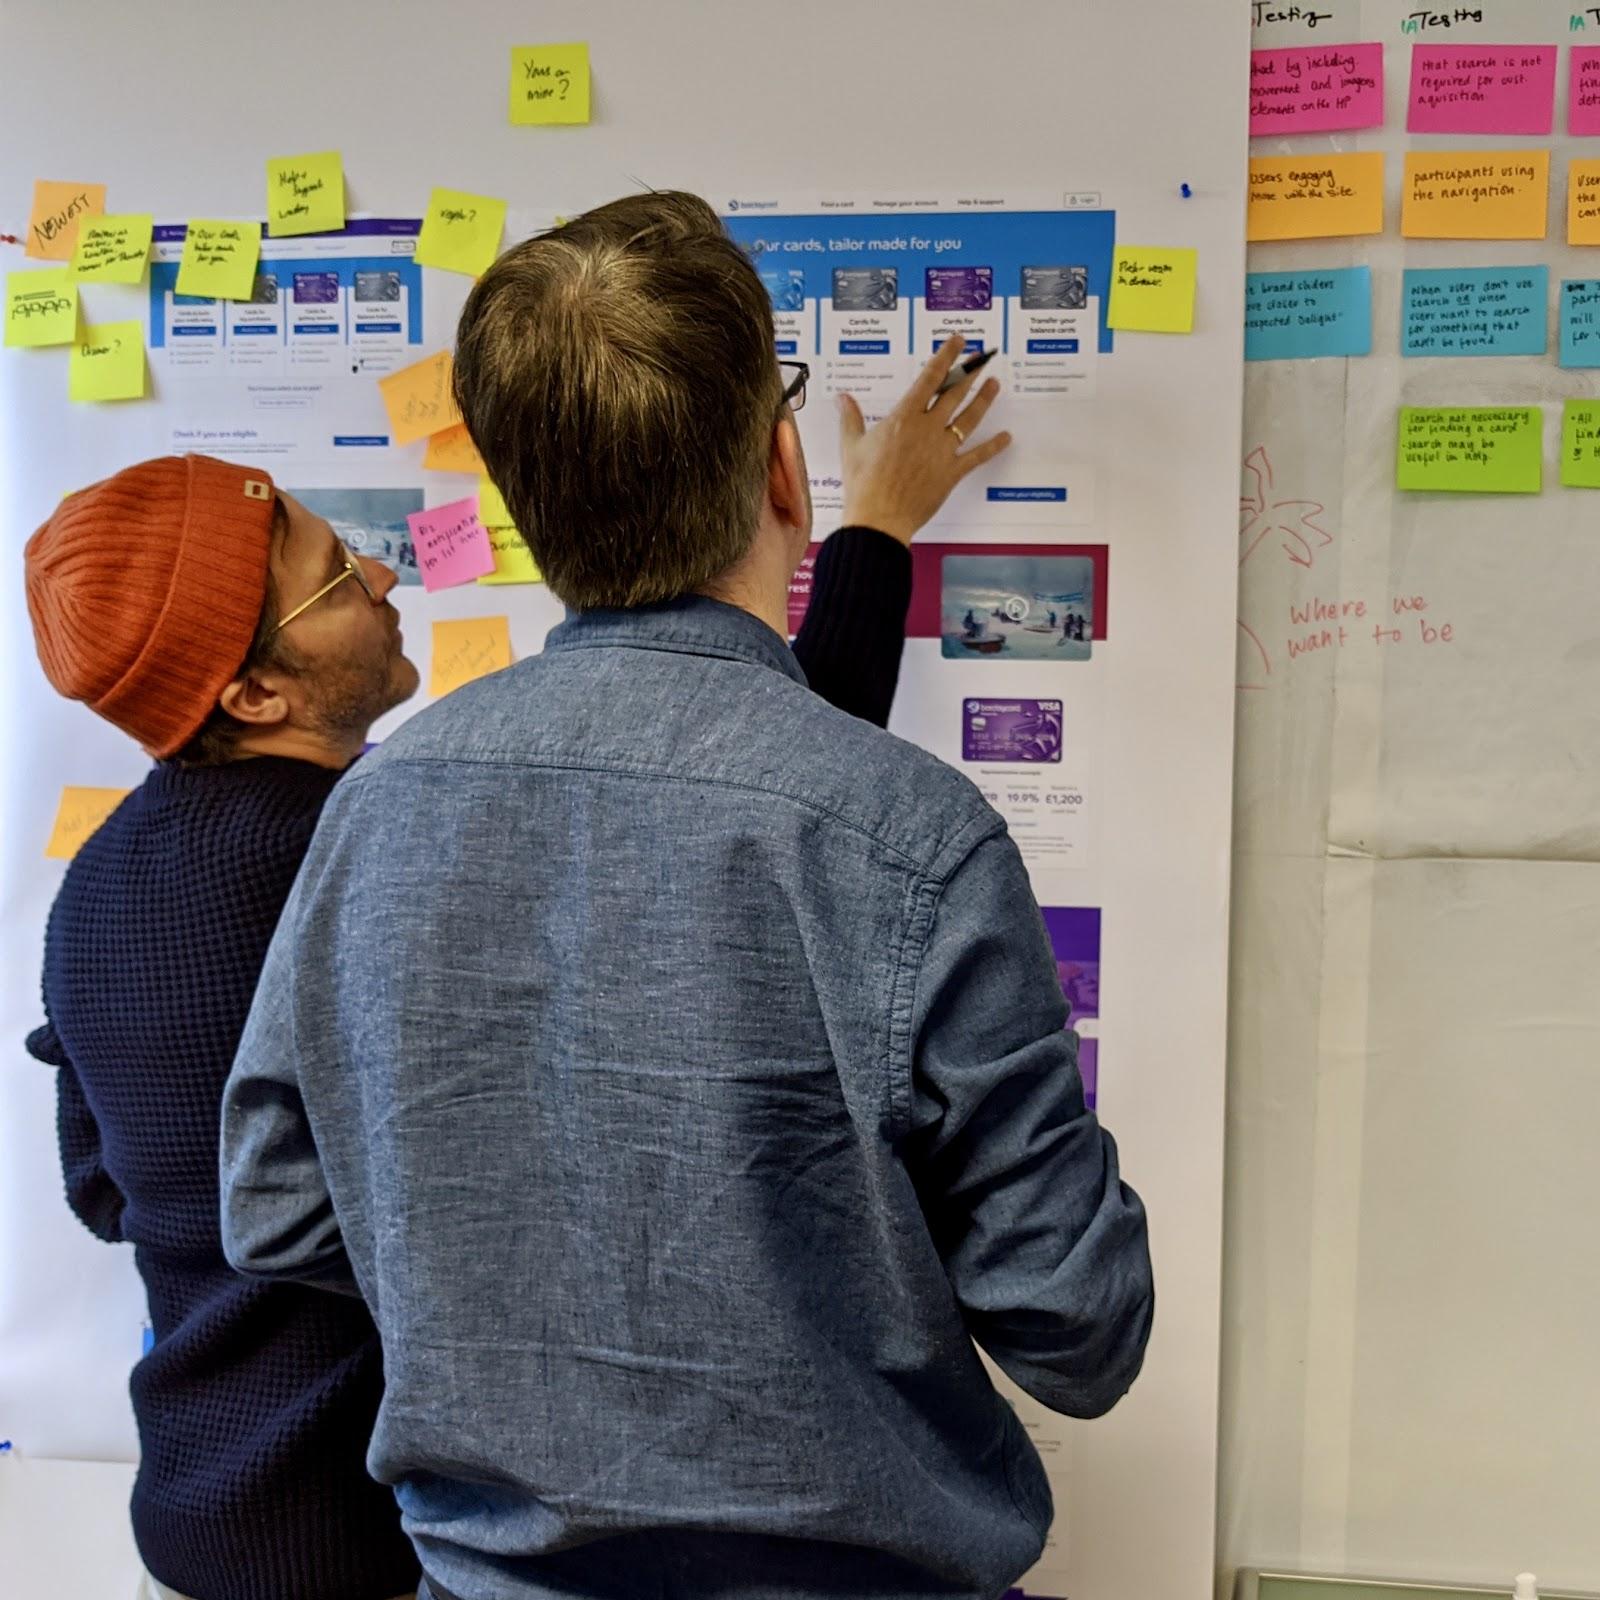 シニア製品デザイナーのコンスタンティノス・ディマコスがチームメンバーとストーリーボードについて協業している。